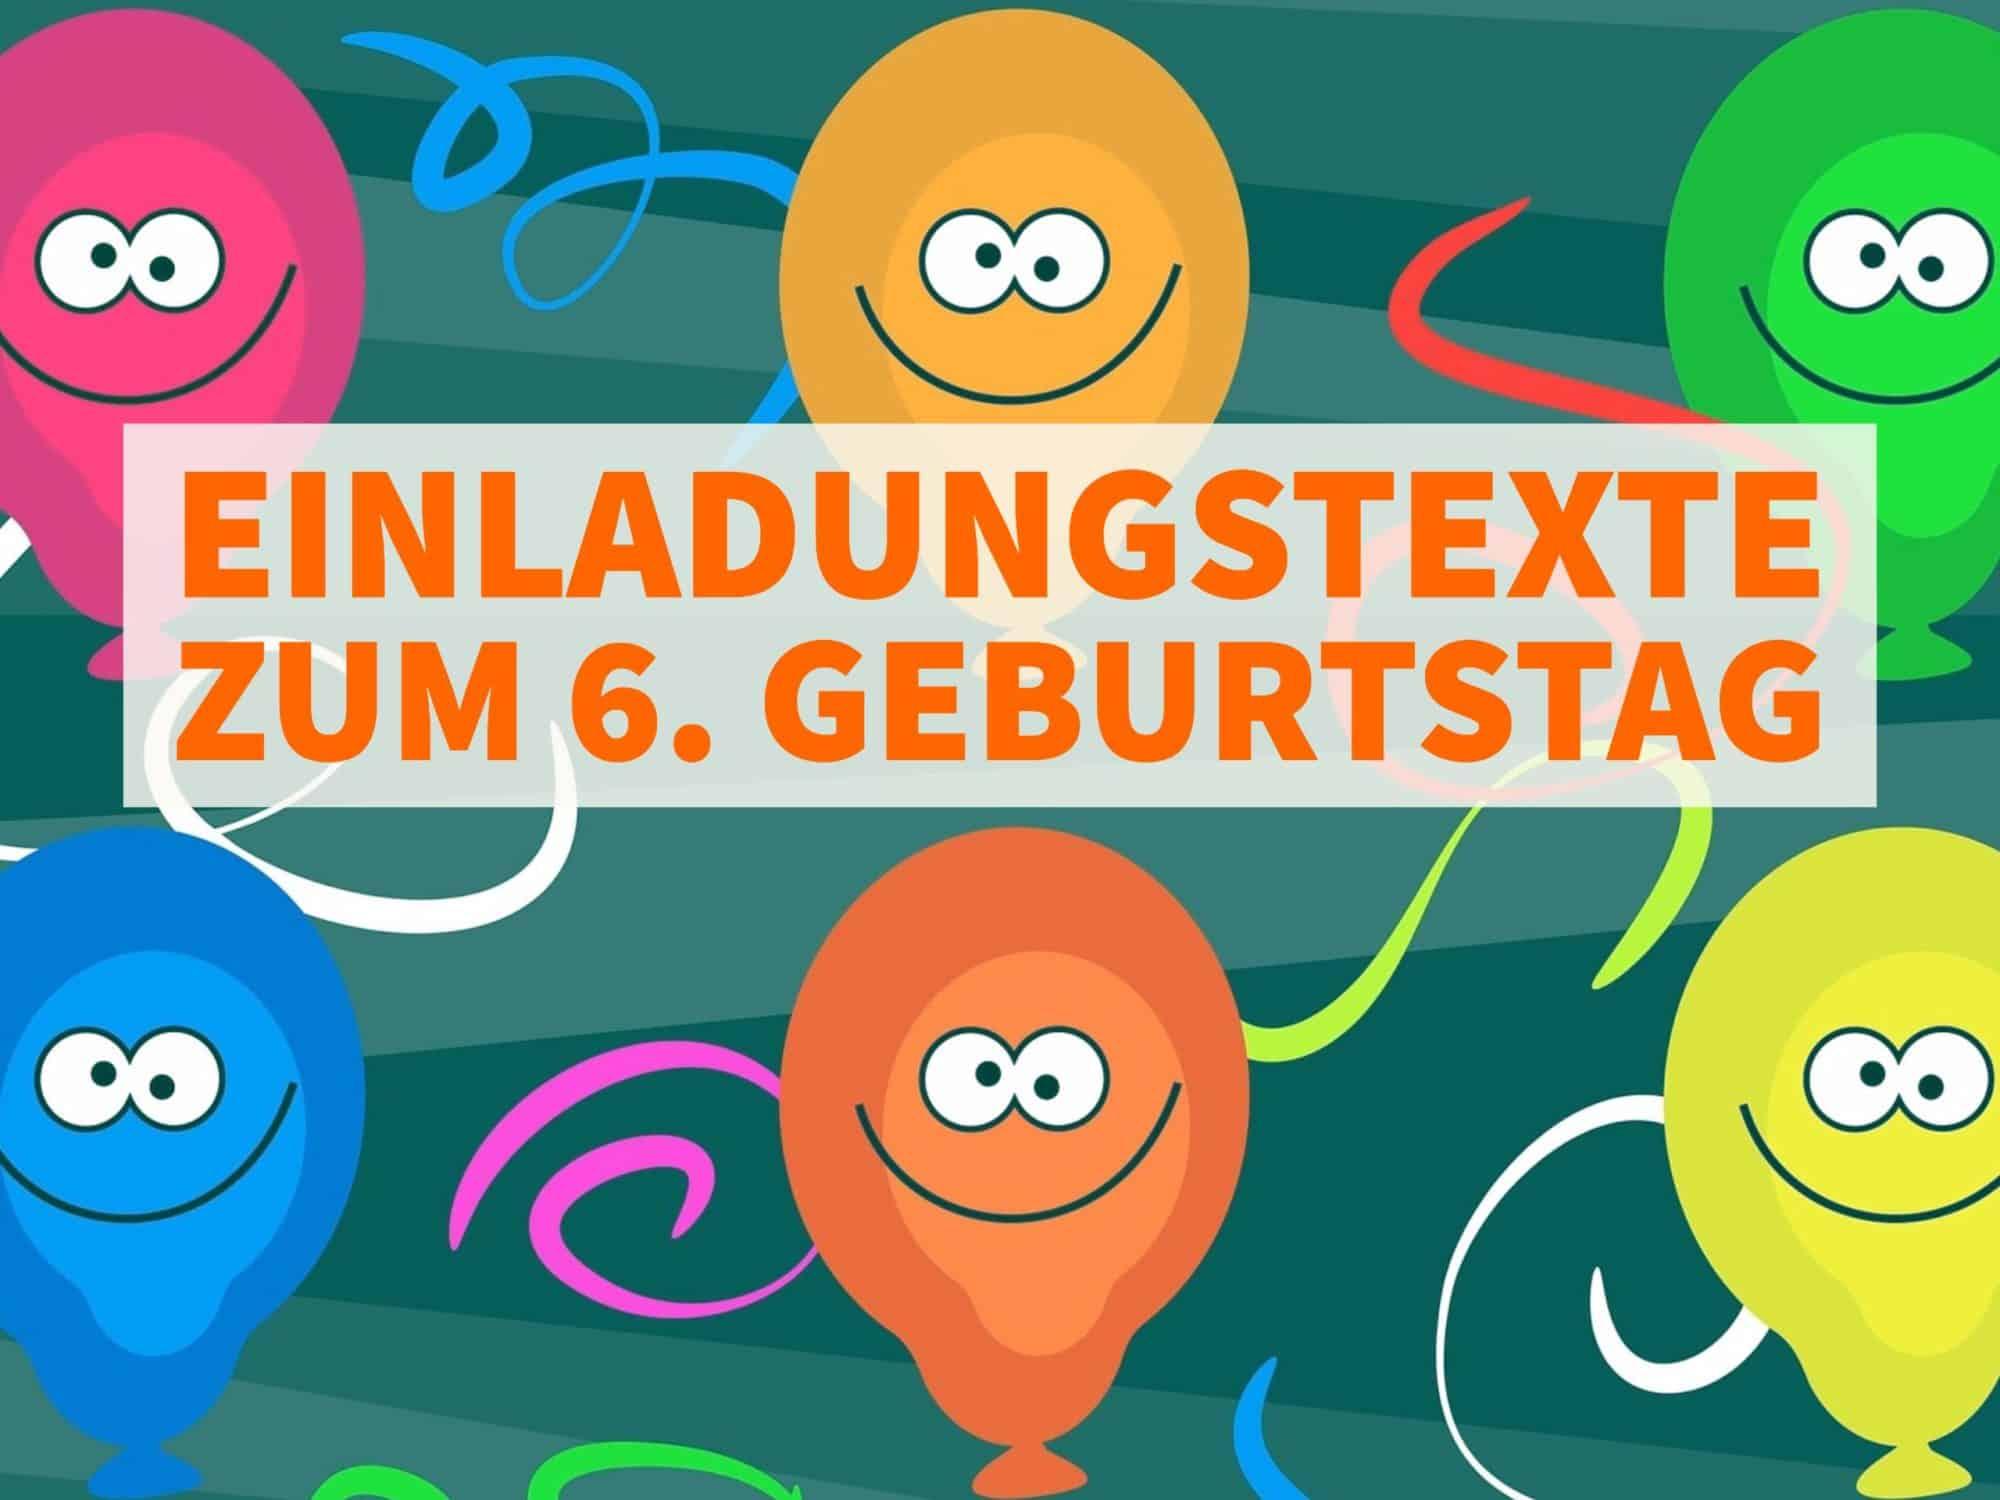 Einladungstexte Zum 6 Geburtstag Um Einladungskarten Selbst Zu